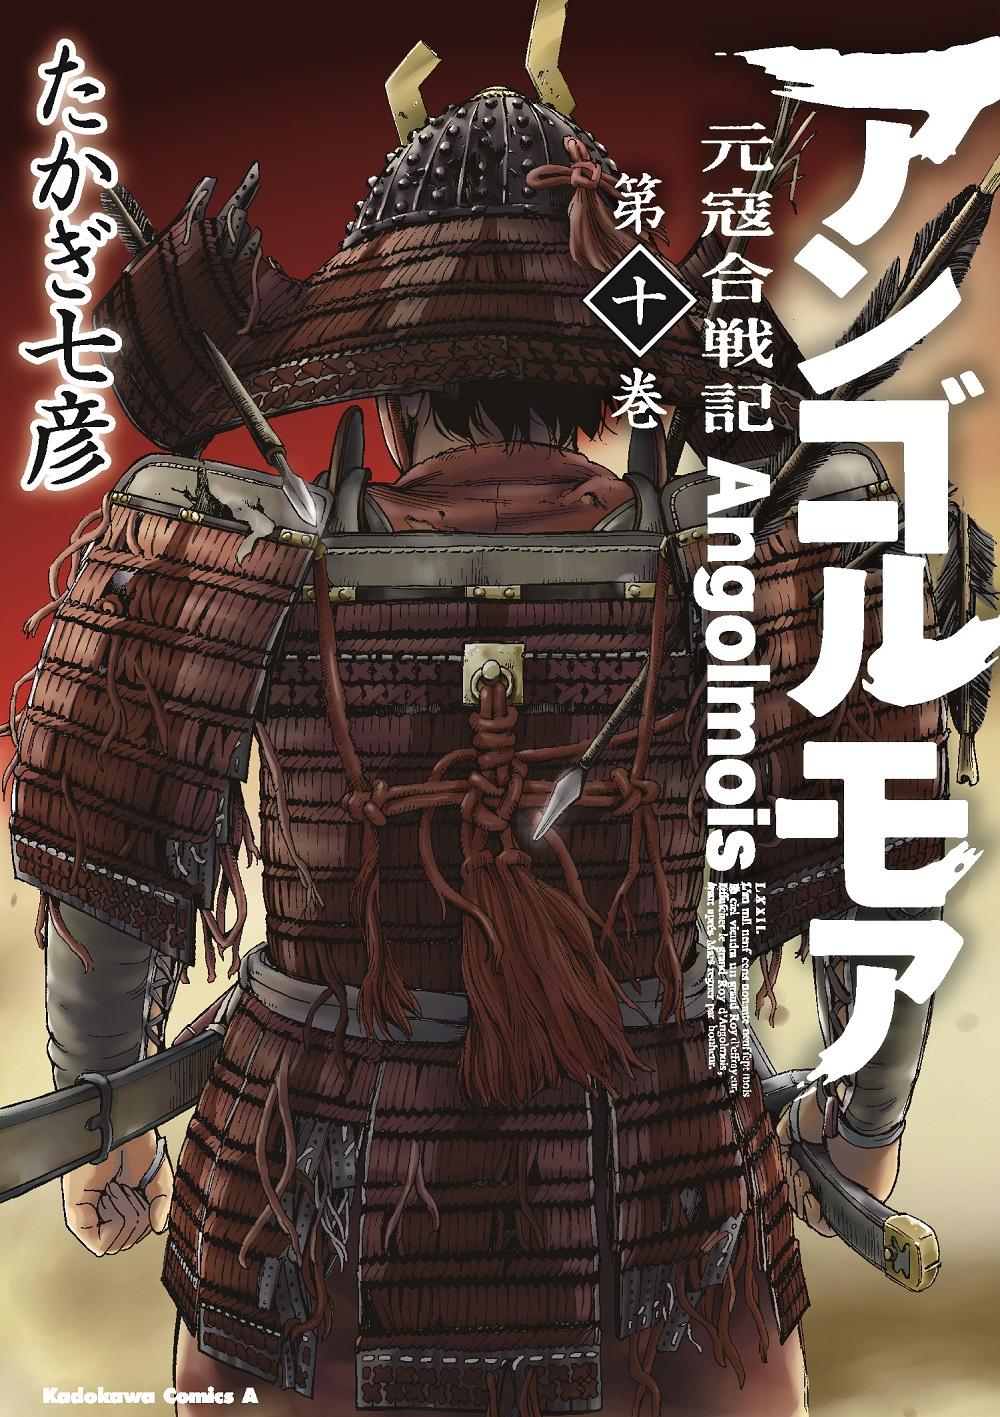 9月1日(土)たかぎ七彦先生サイン会開催!